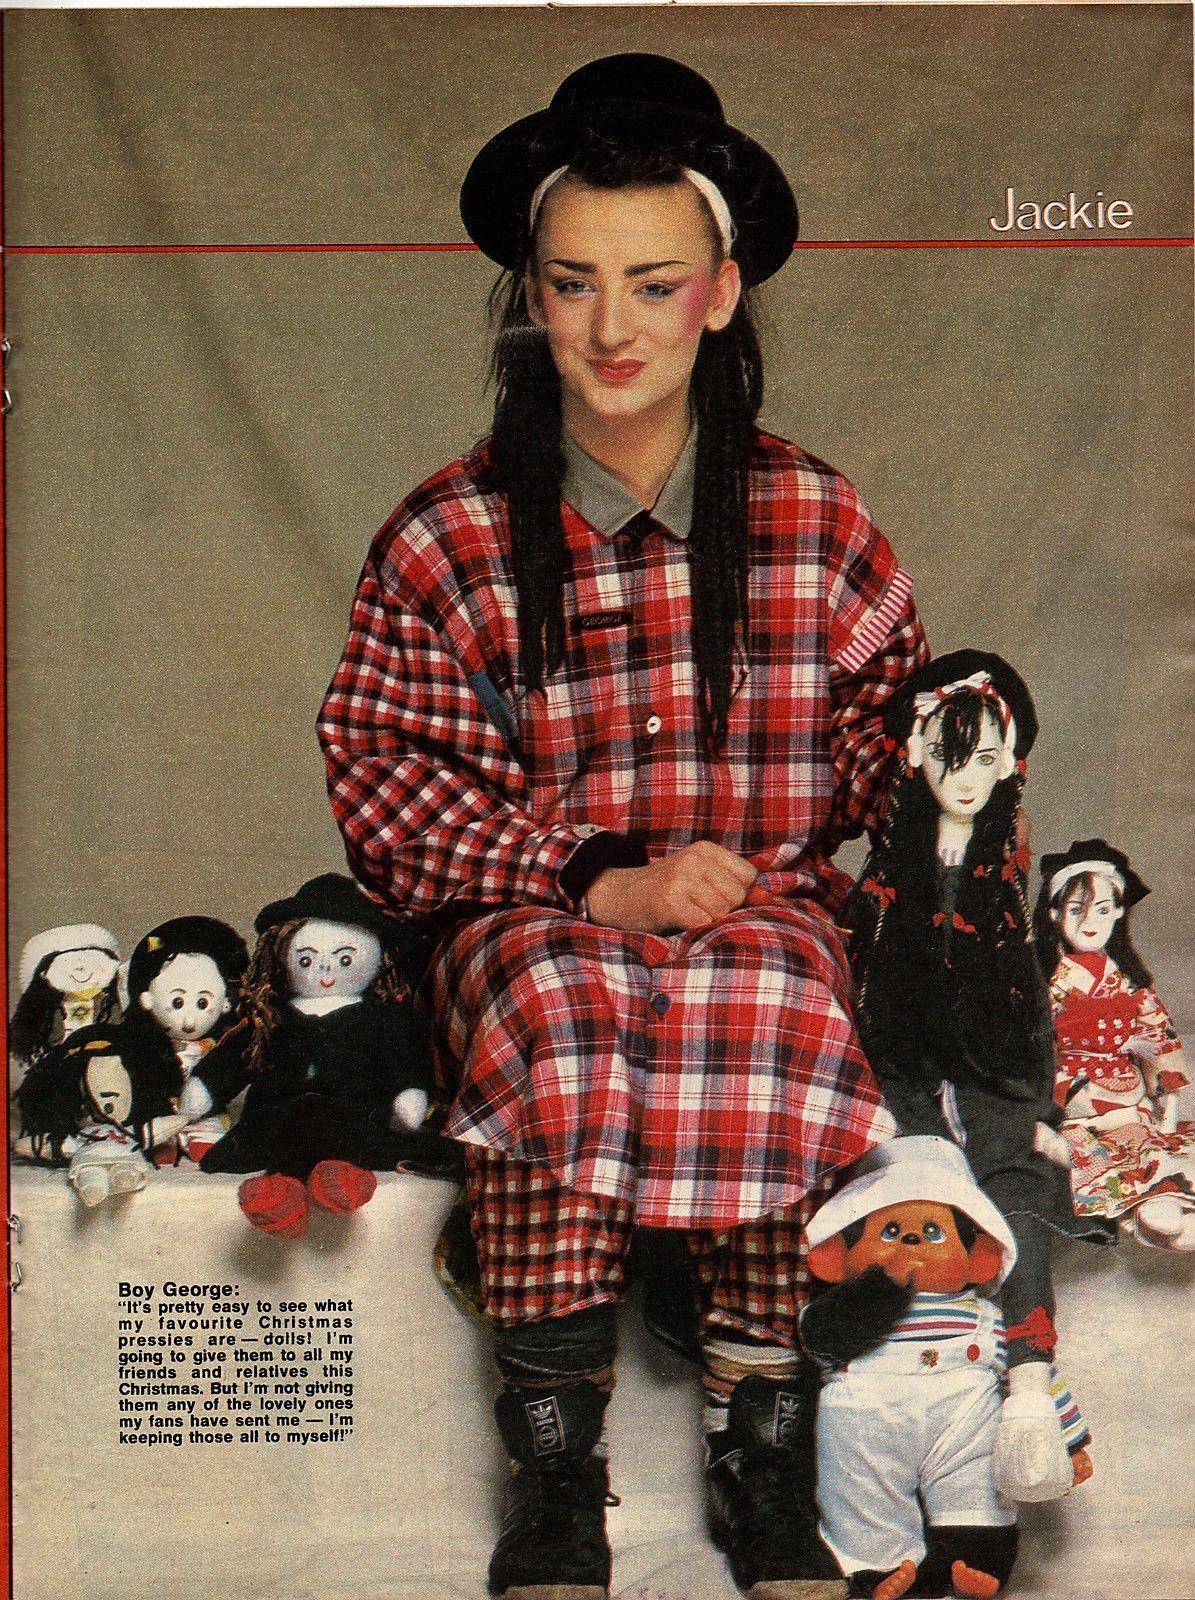 Jackie magazine 17 december 1983 issue 1041 boy